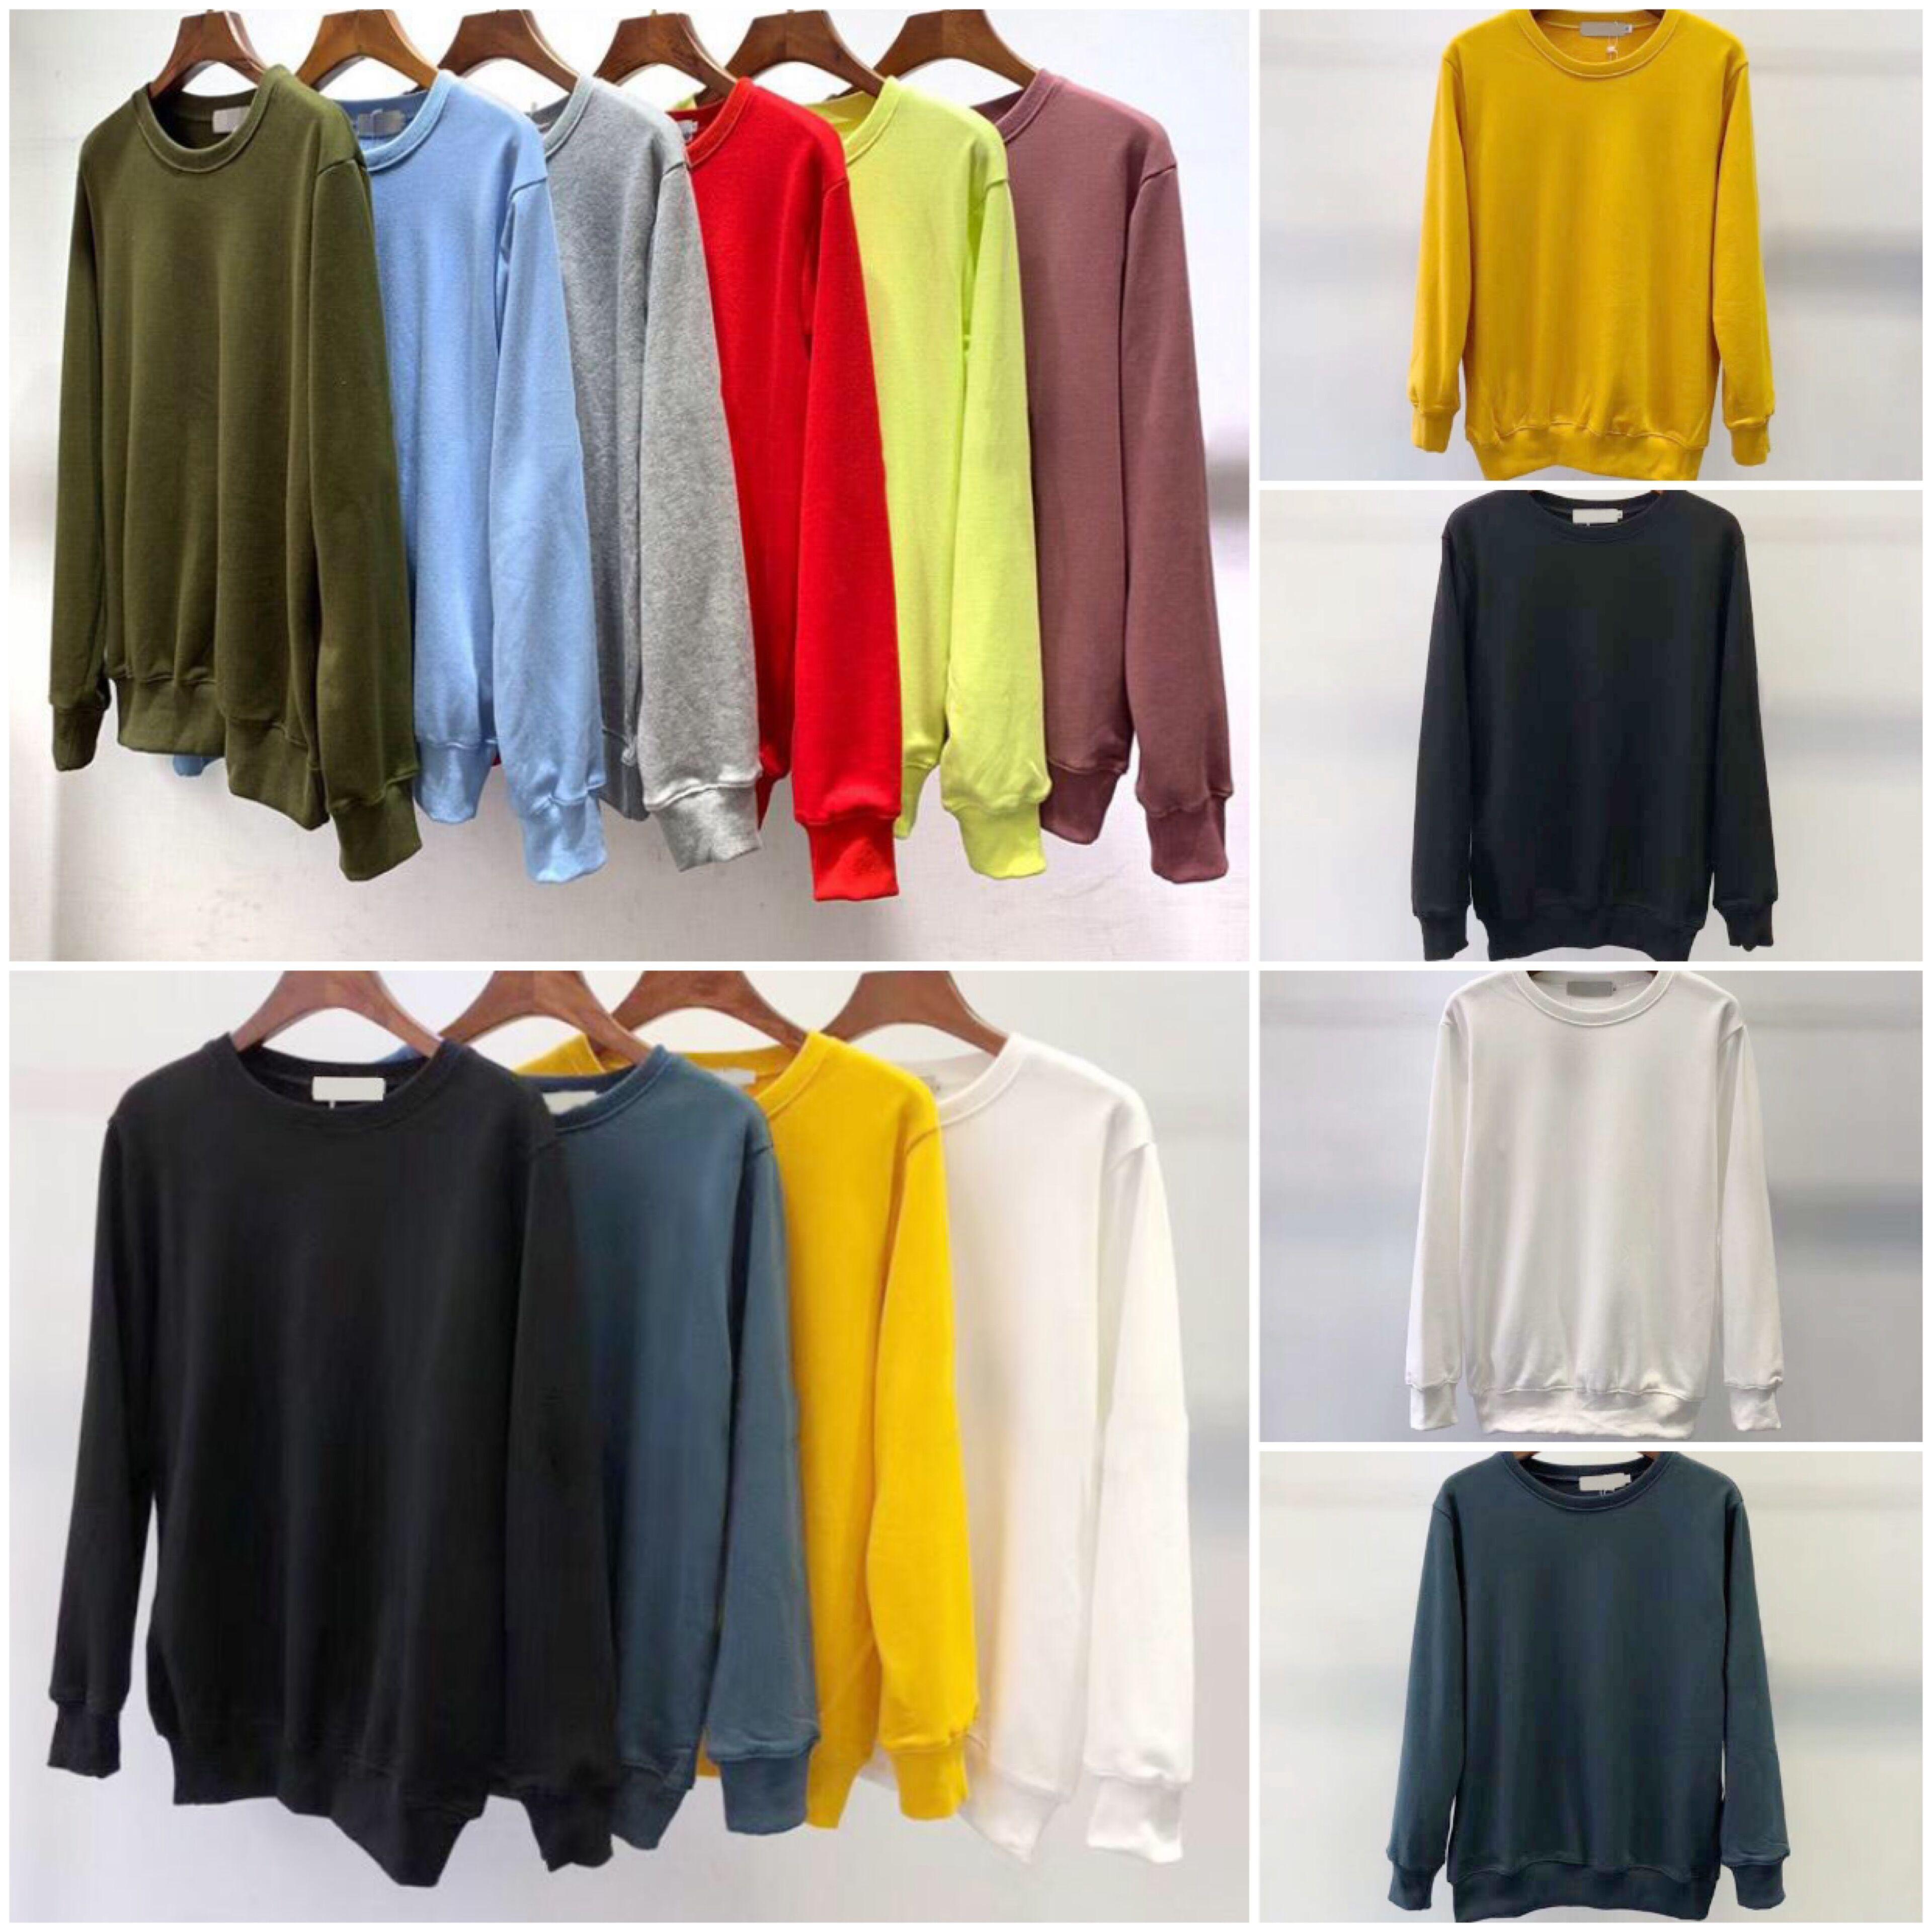 Top Seller Mode Herbst-Winter-Männer 108 Langarm-Kapuzenshirt Hip Hop-Sweatshirts Mantel-beiläufige Kleidung Pullover S-2XL # 811 # 8104